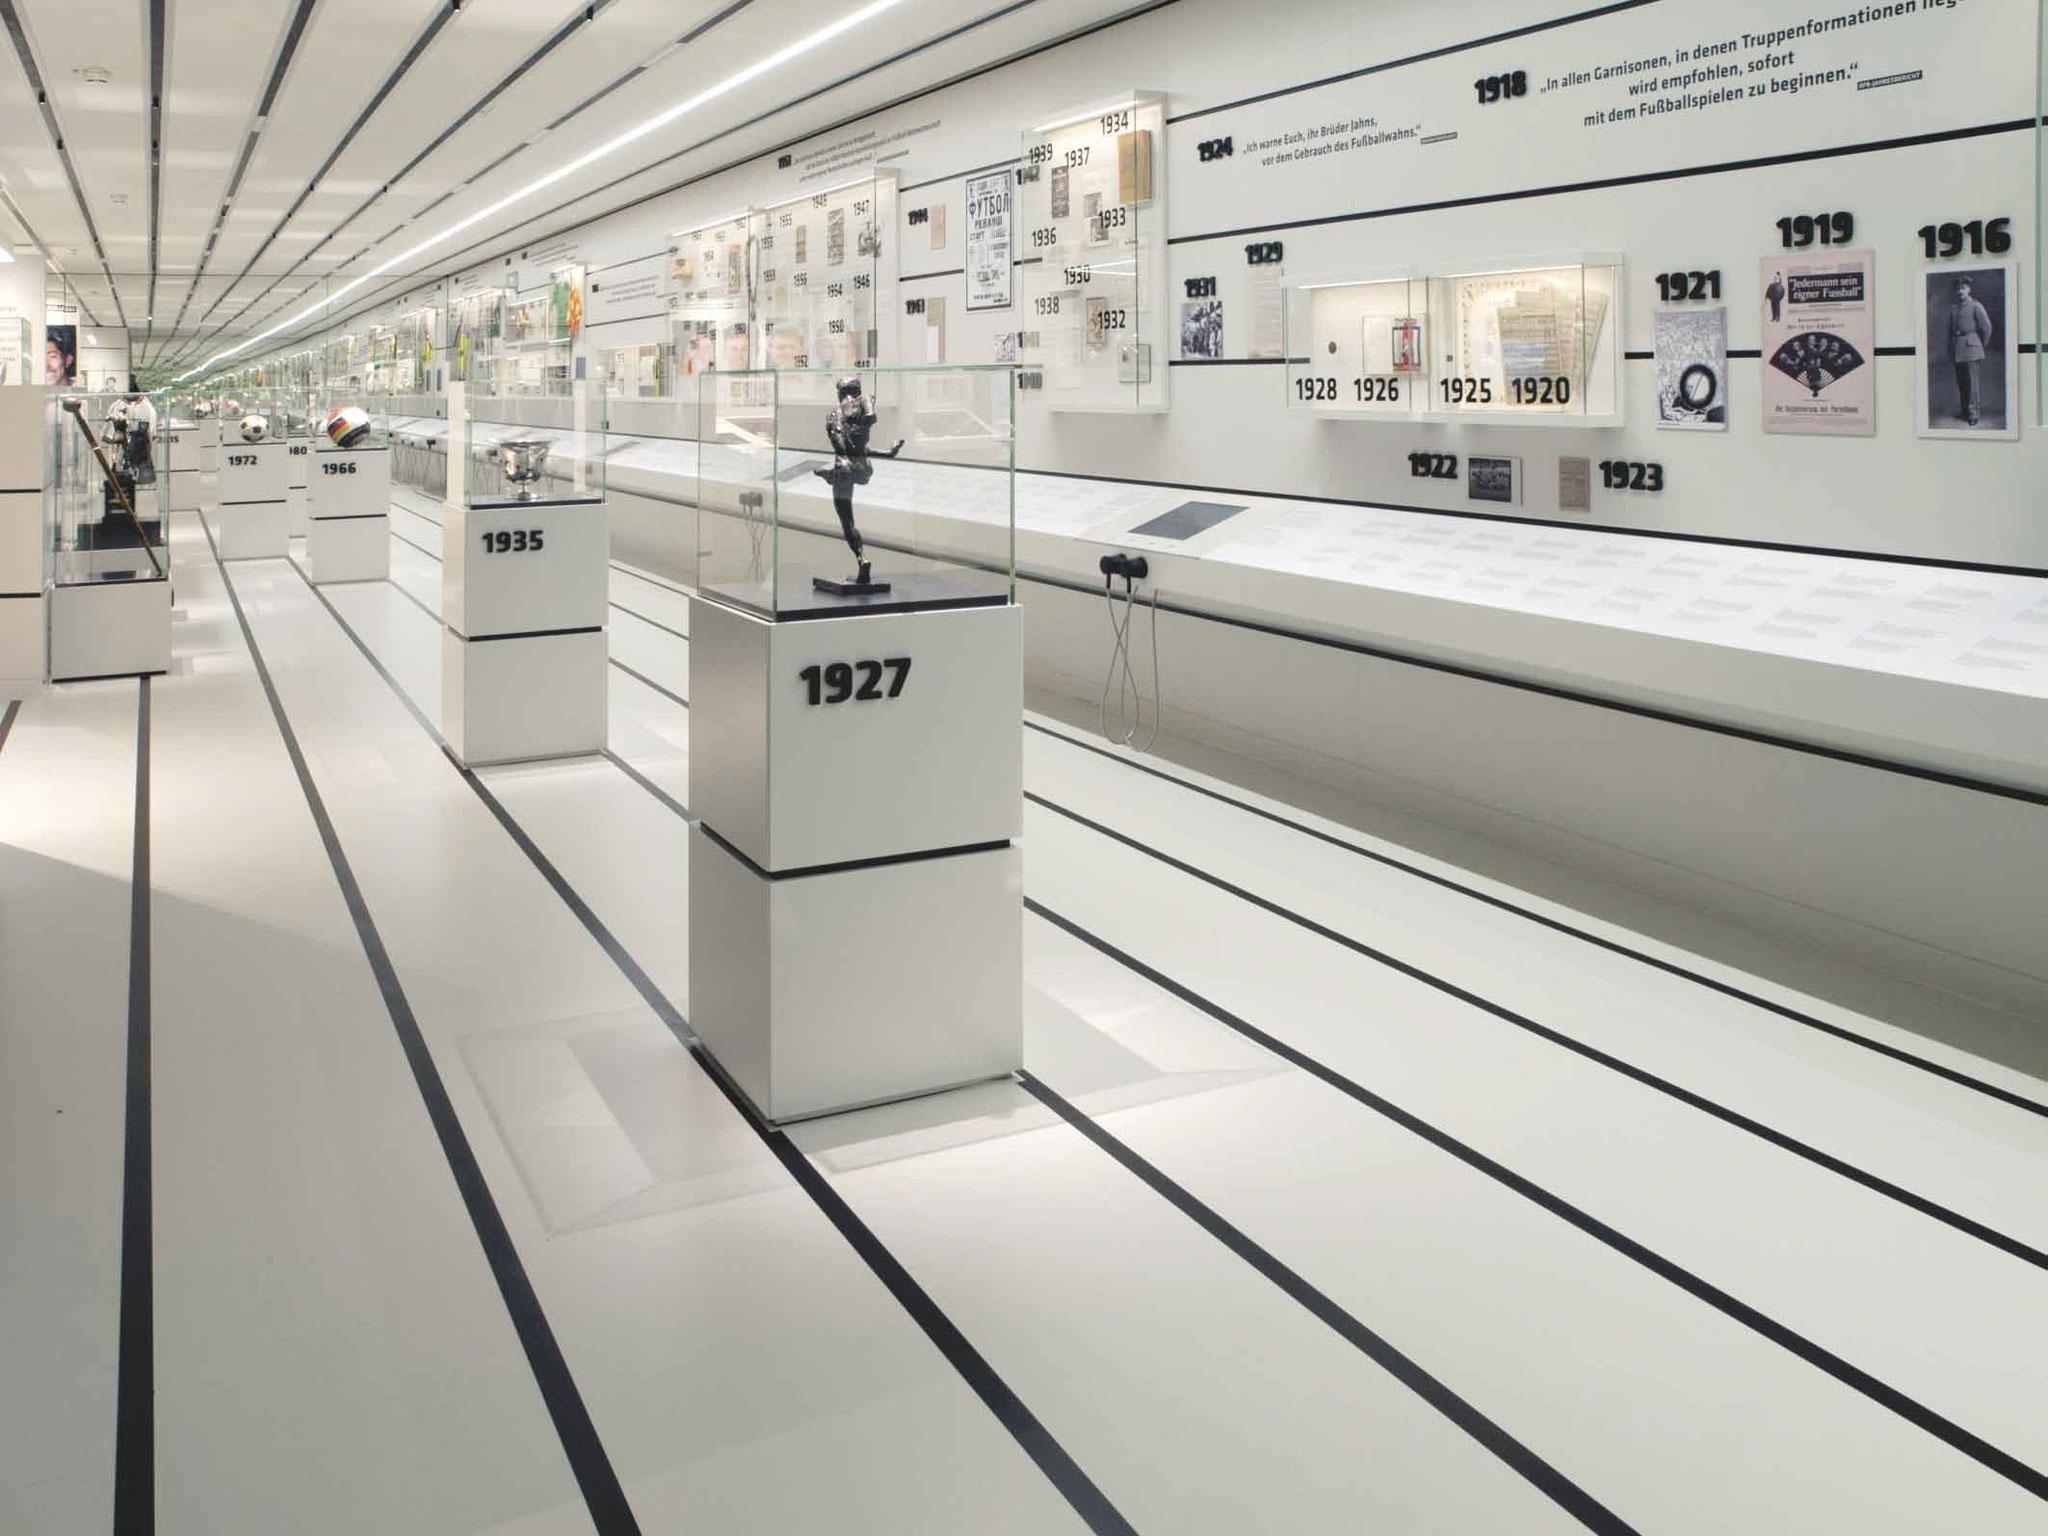 Bodenbelag und Parkett für das Deutsches Fußballmuseum in Dortmund